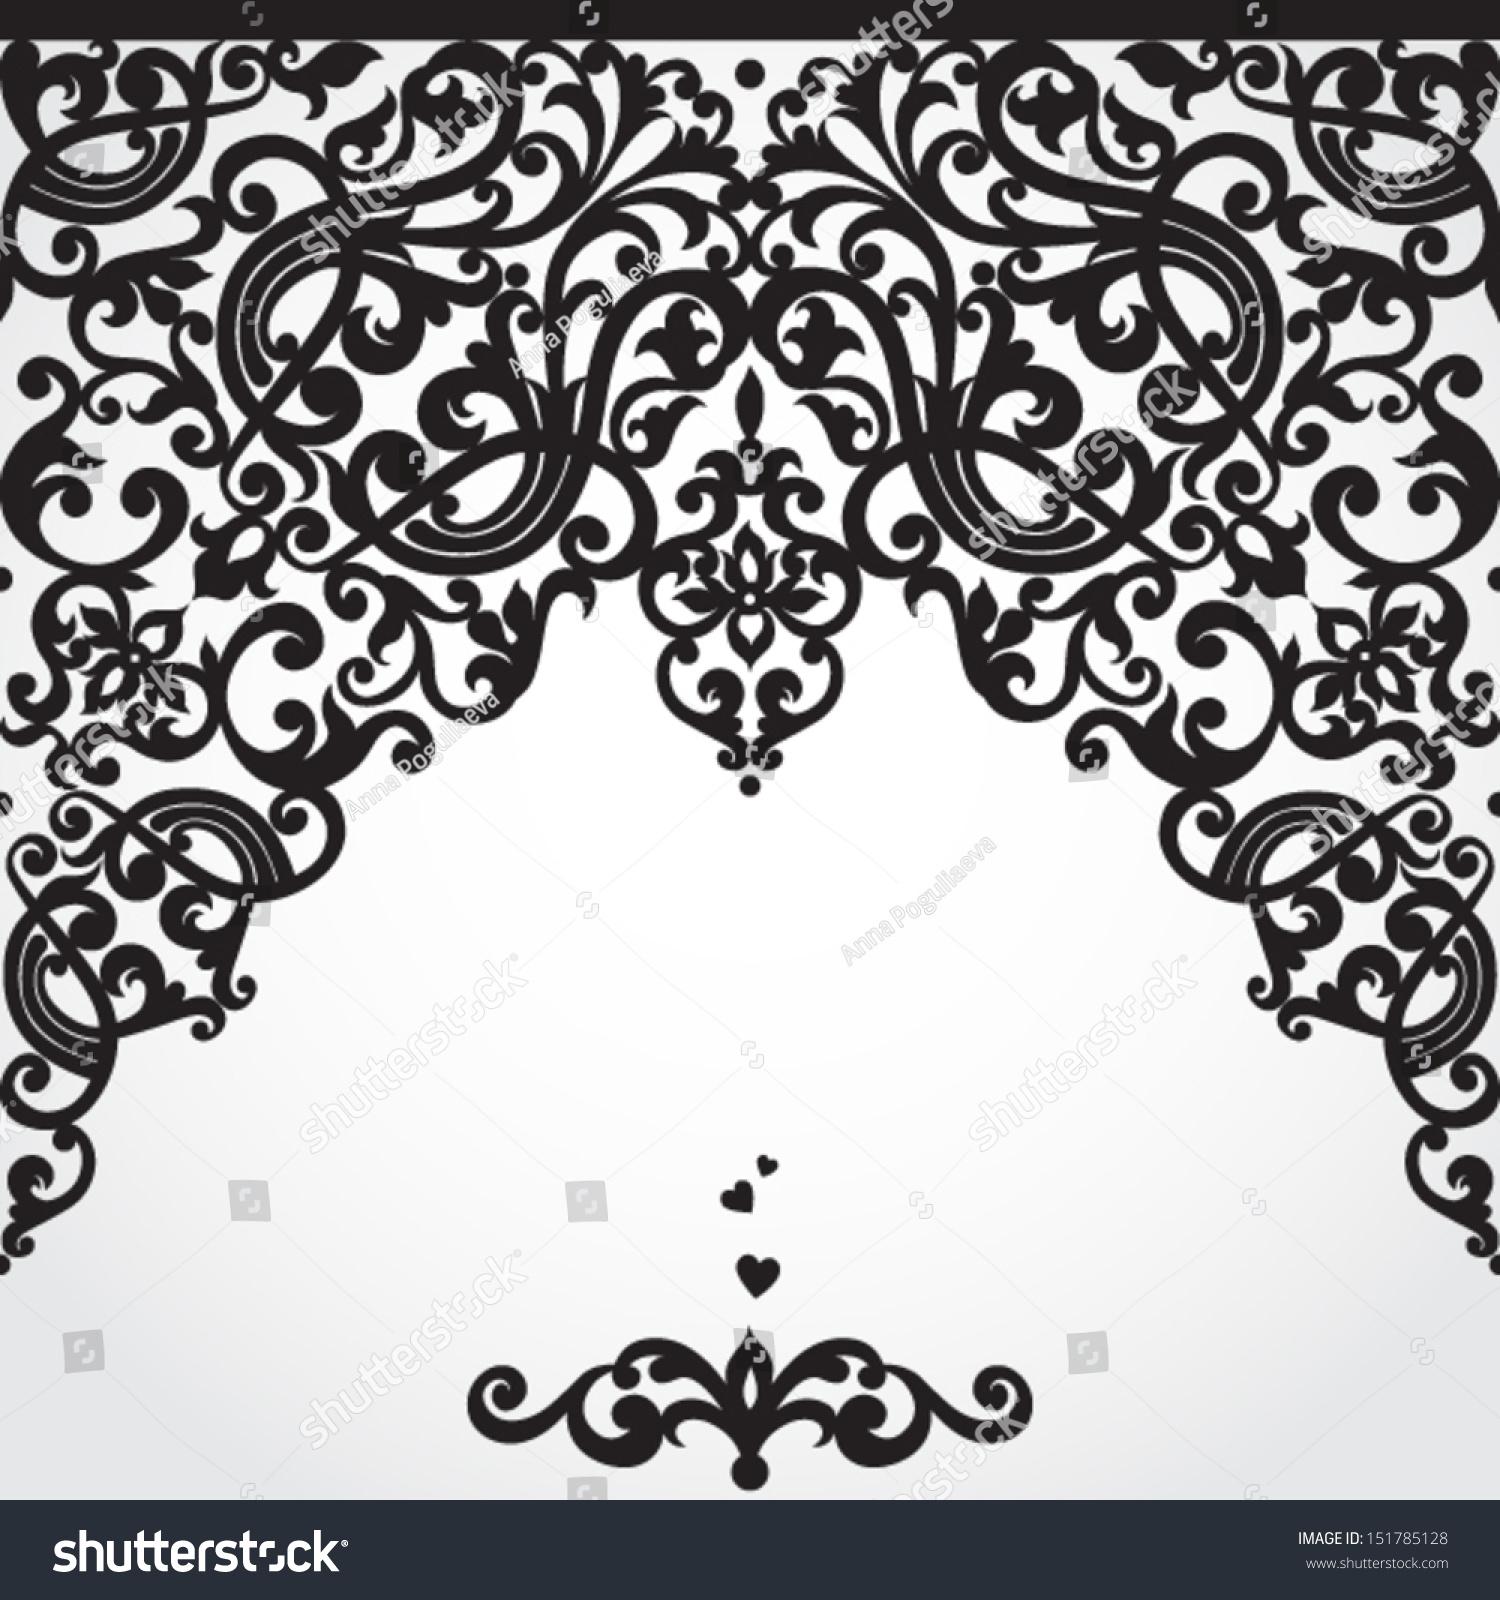 Vector baroque seamless border victorian style stock for Baroque design clothes